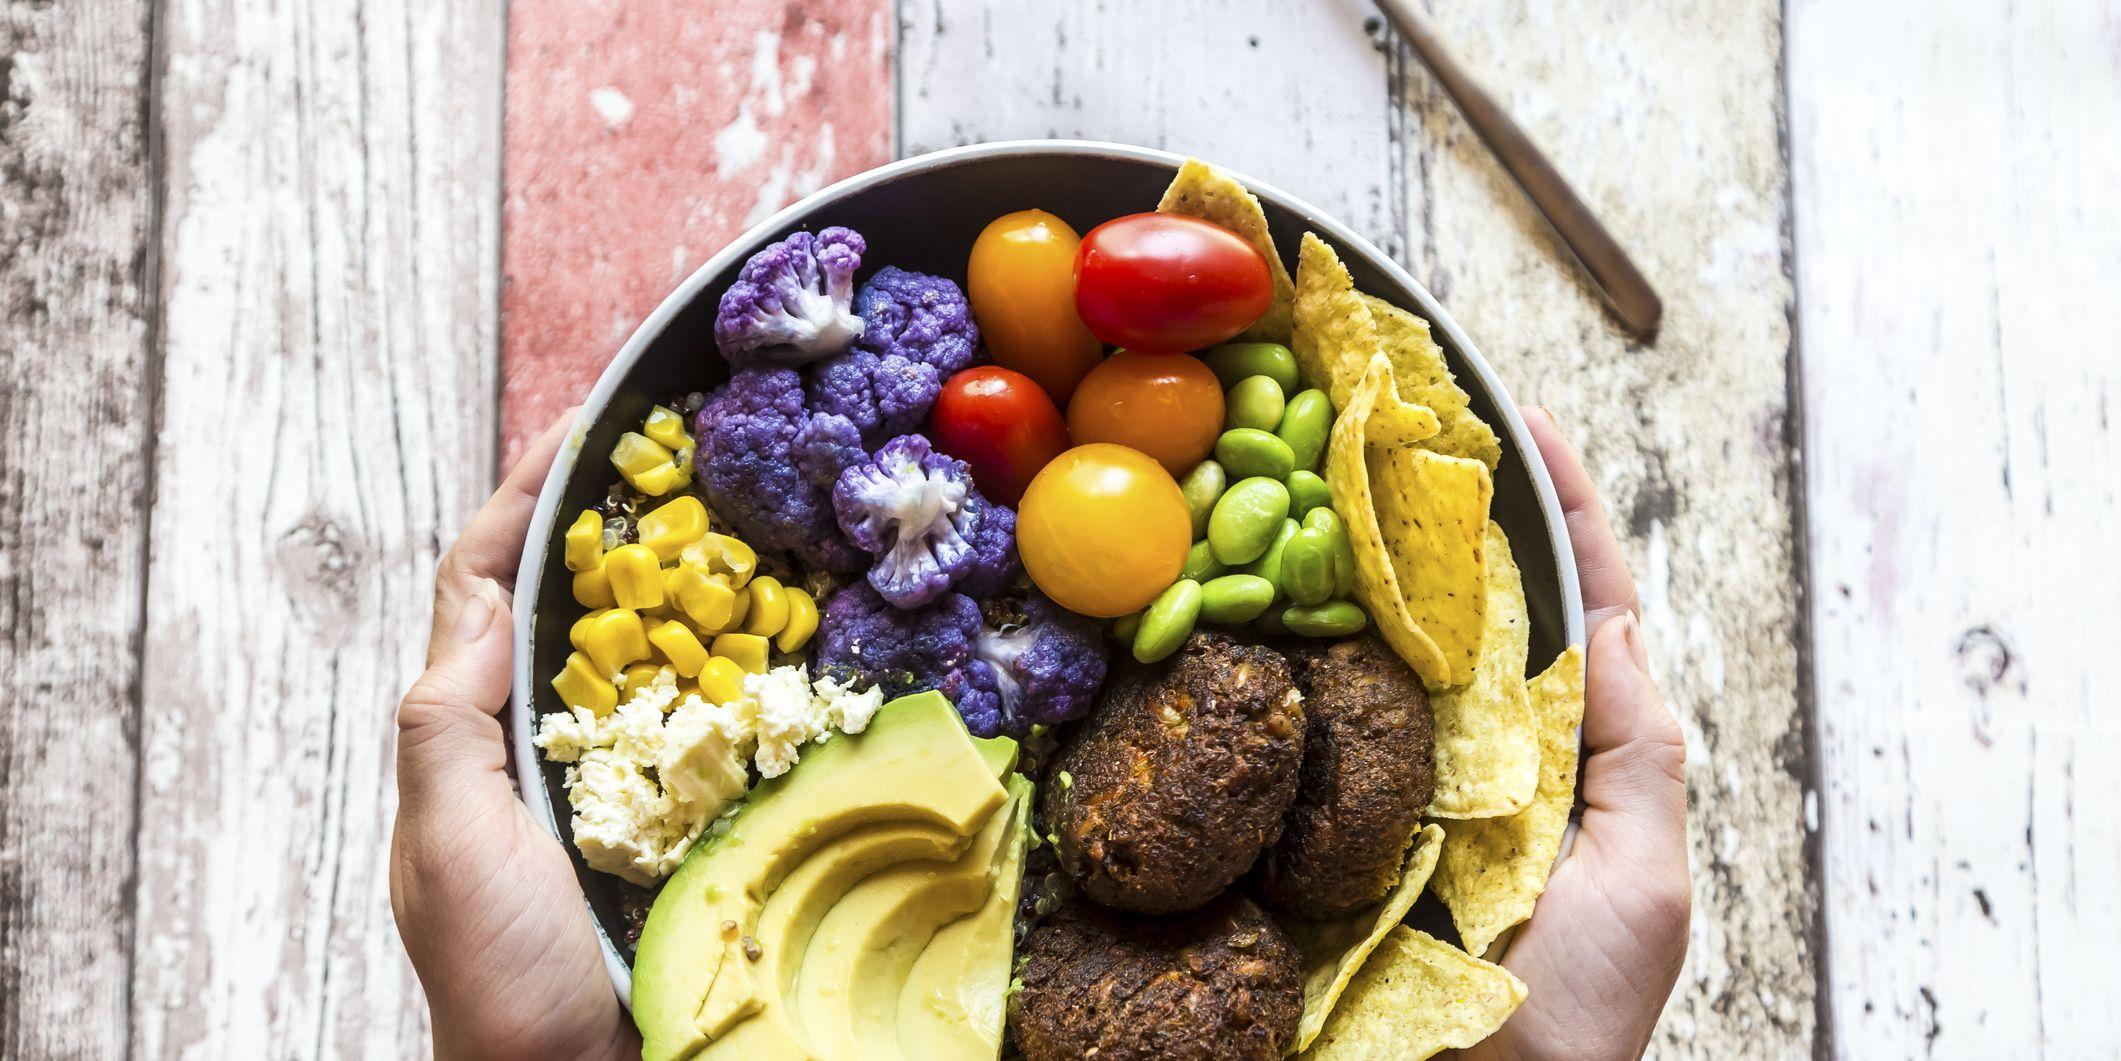 vleesvervangers-vegetarisch-eten